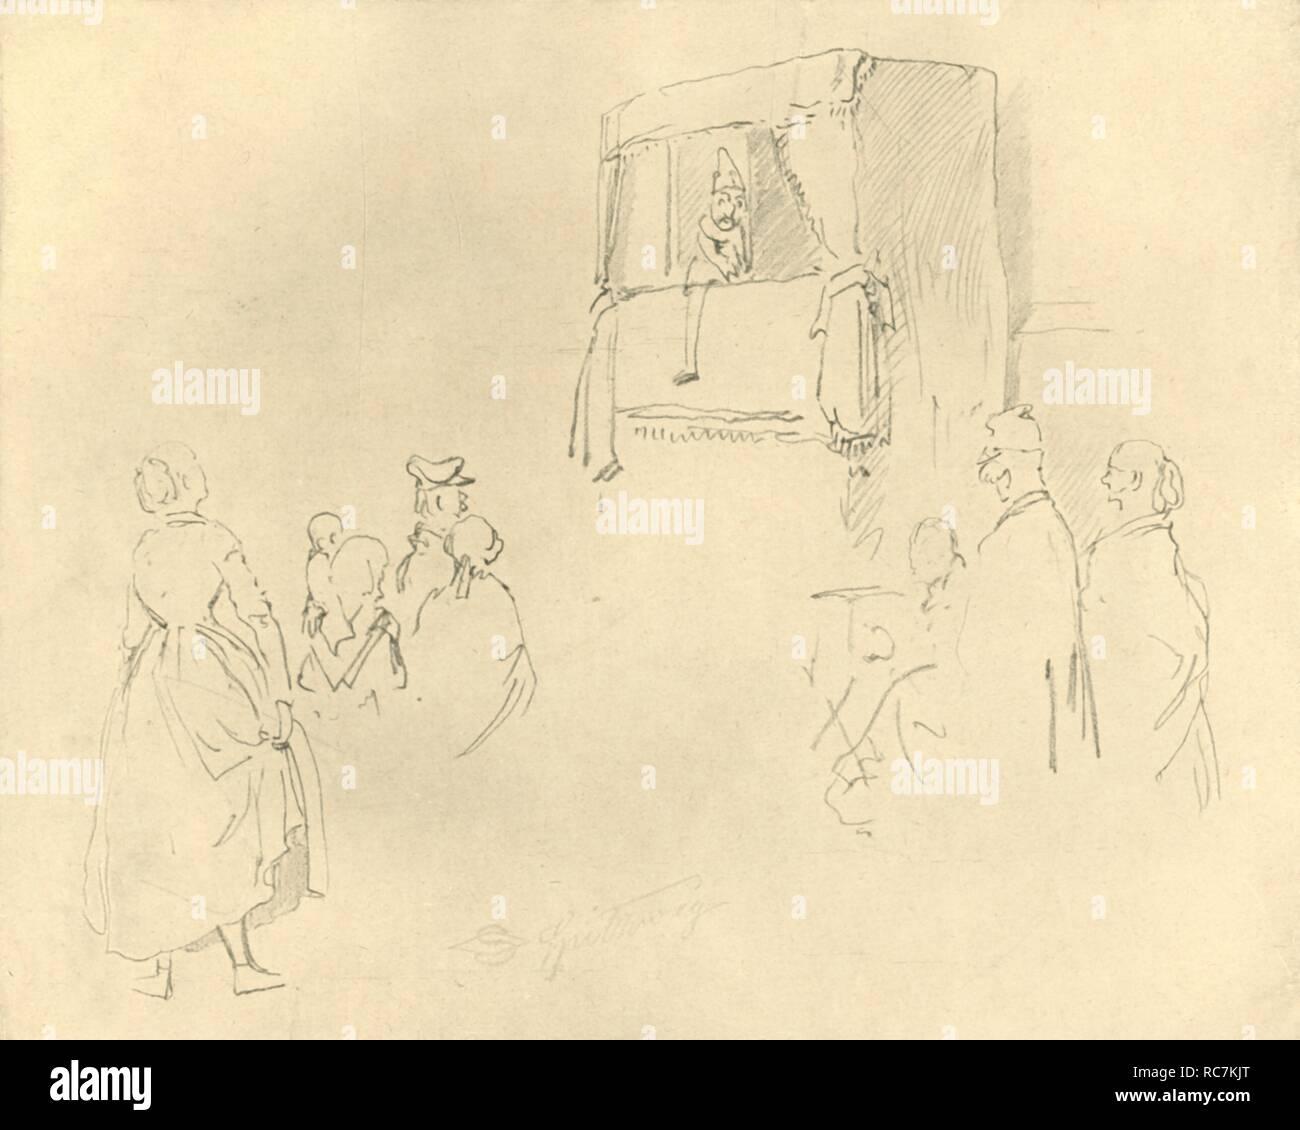 """'Kasperltheater I', mid-late 19th century, (c1924). Punch and Judy show. From """"Die gute alte Zeit: Zeichnungen von Karl Spitzweg"""", (The Good Old Days: drawings by Karl Spitzweg). [Benjamin Harz, Berlin-Vienna, c1924] - Stock Image"""